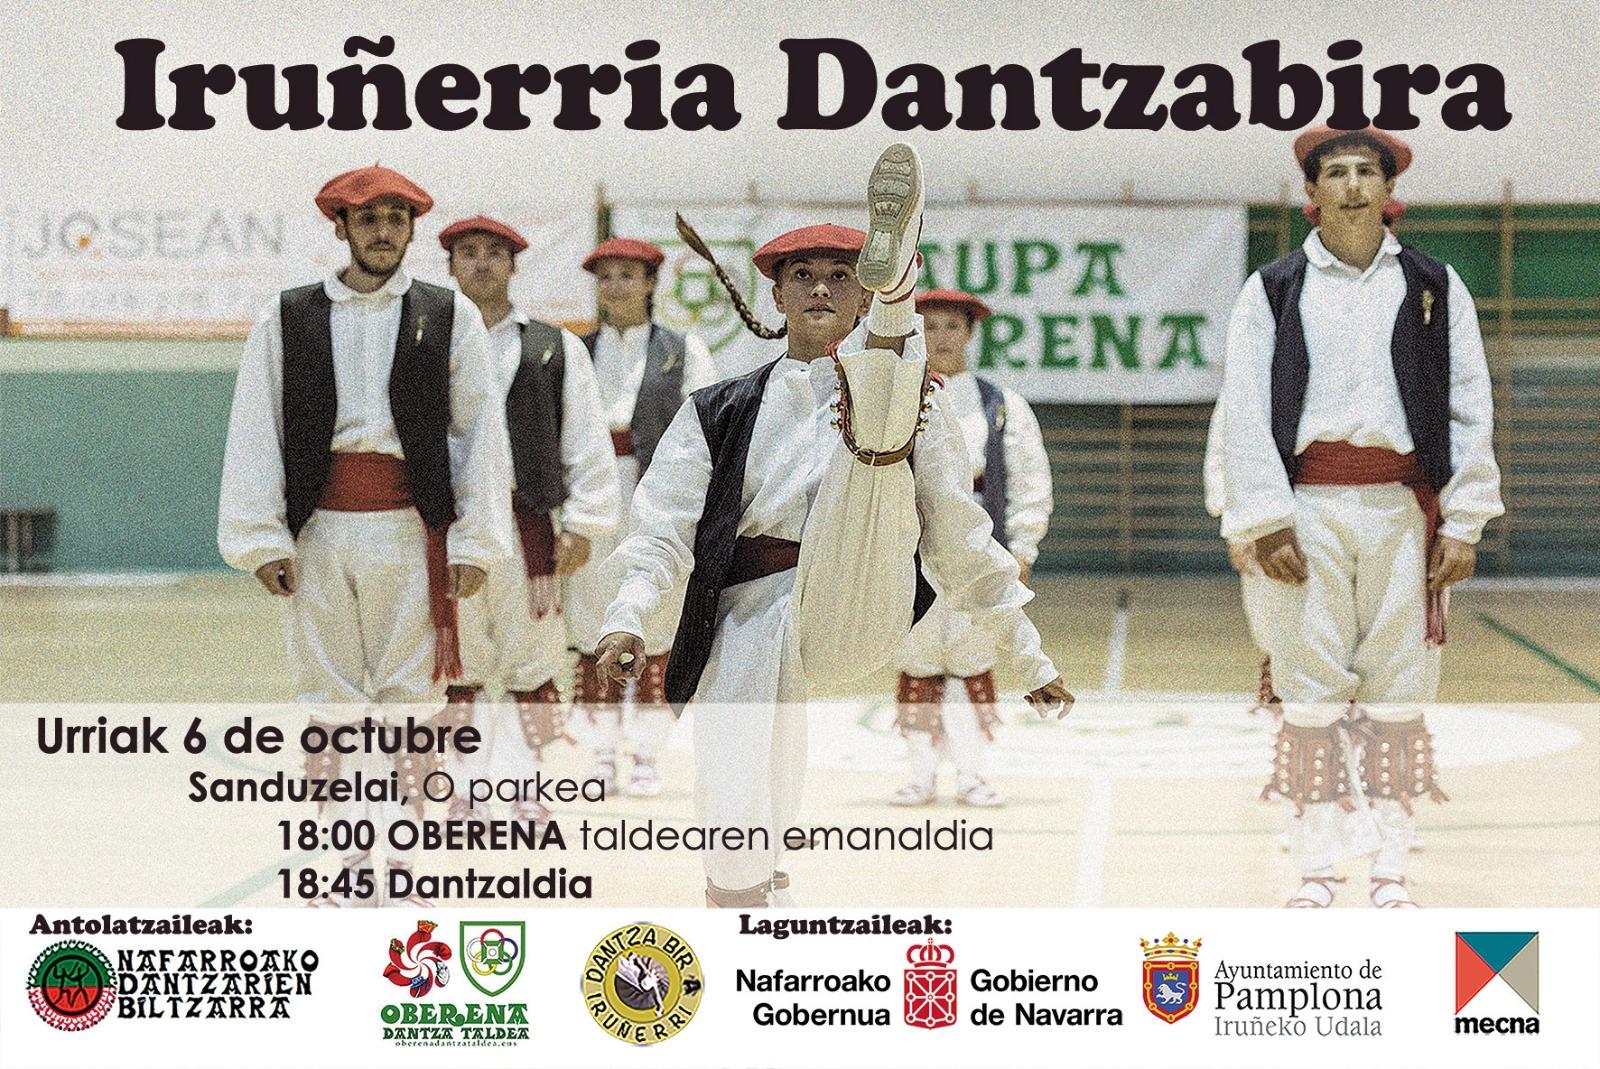 Iruñerria Dantzabira